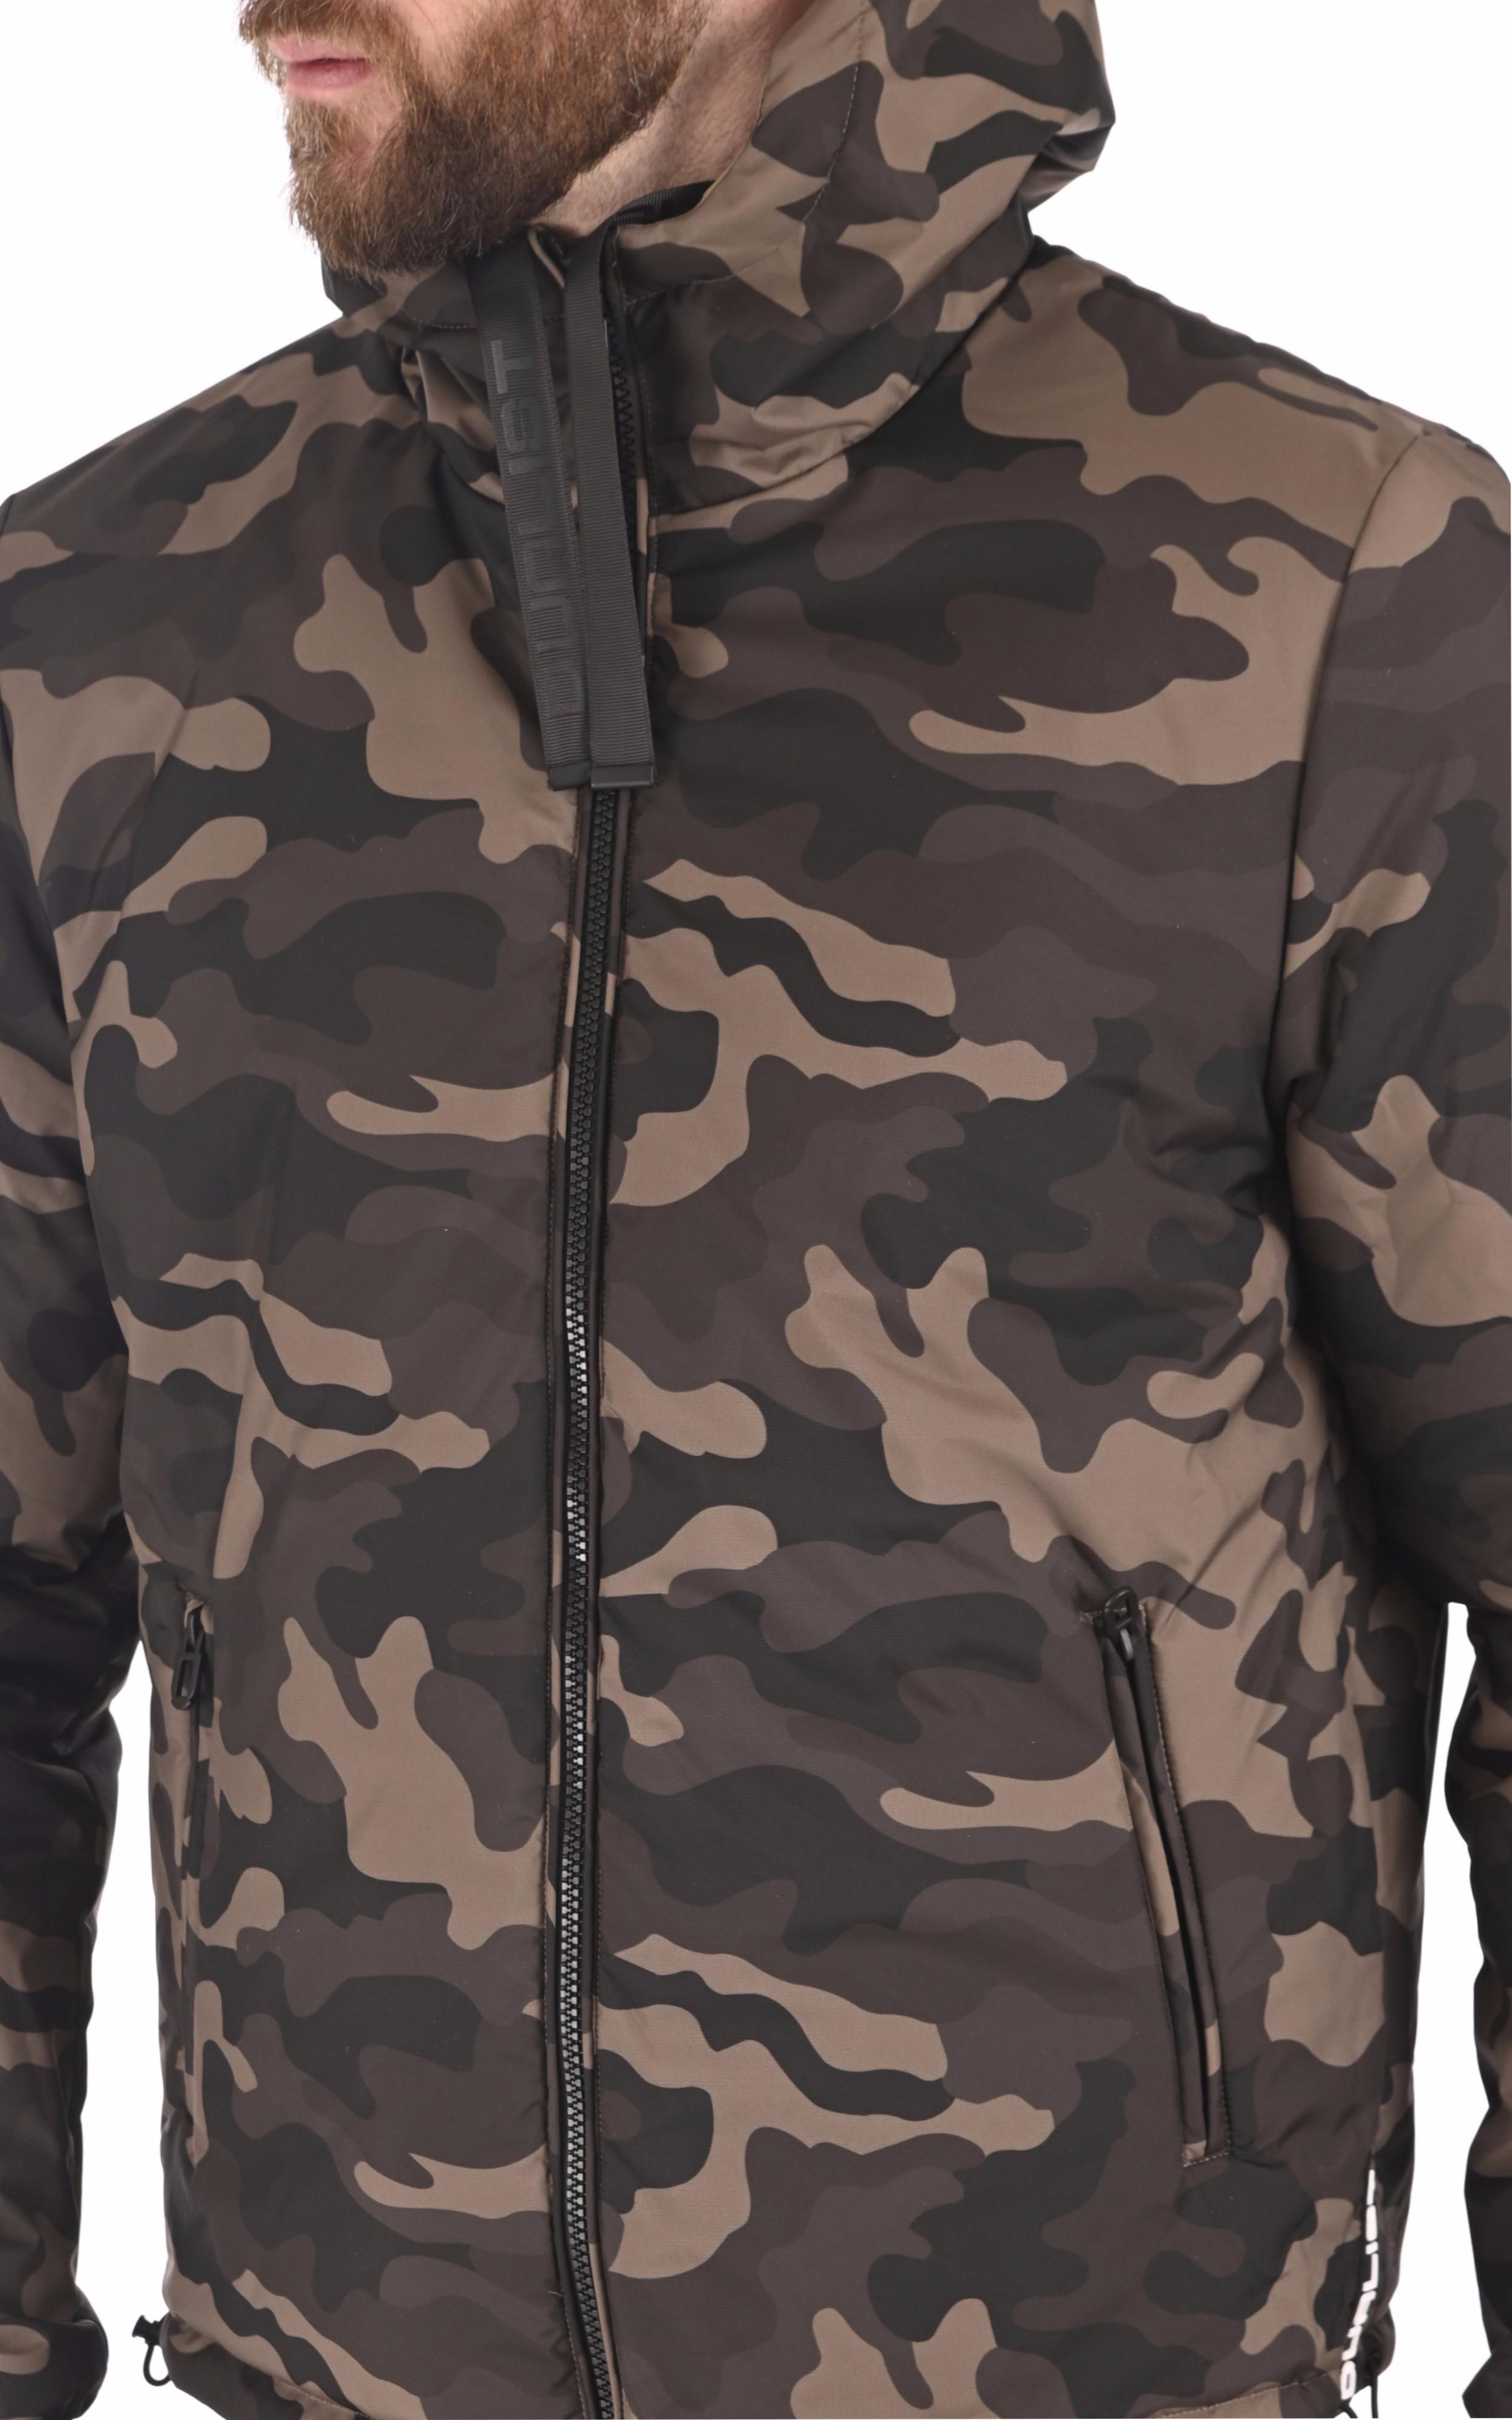 Blouson coupe vent Ben camouflage Dualist